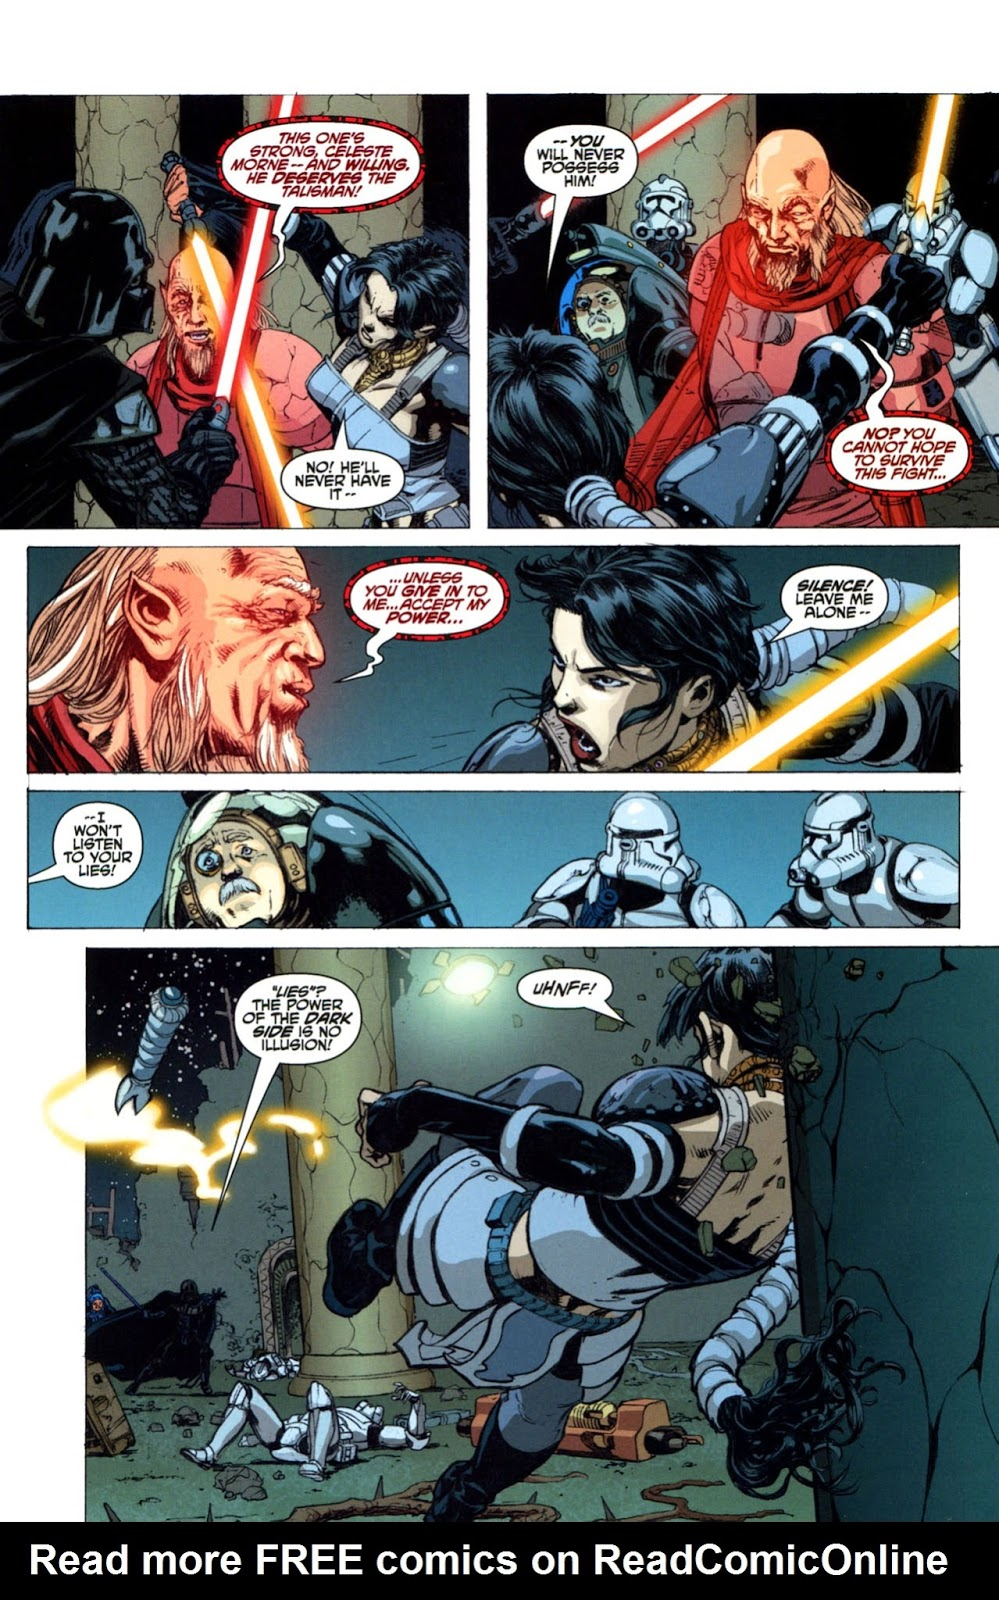 Darth Vader vs A'Sharad Hett - Page 3 PnjczdufSBbSyPTRVHH4pcx7DcsX0_3J_SRSR7d8_FU60z2p0k06fmVMfVWMJ1eiyE8cBsO9x3idDHkGAqu8dDOrQoFpatblJaRVMelOv_YGWqvh11GxZszqkBJESH8o03KfxoXi